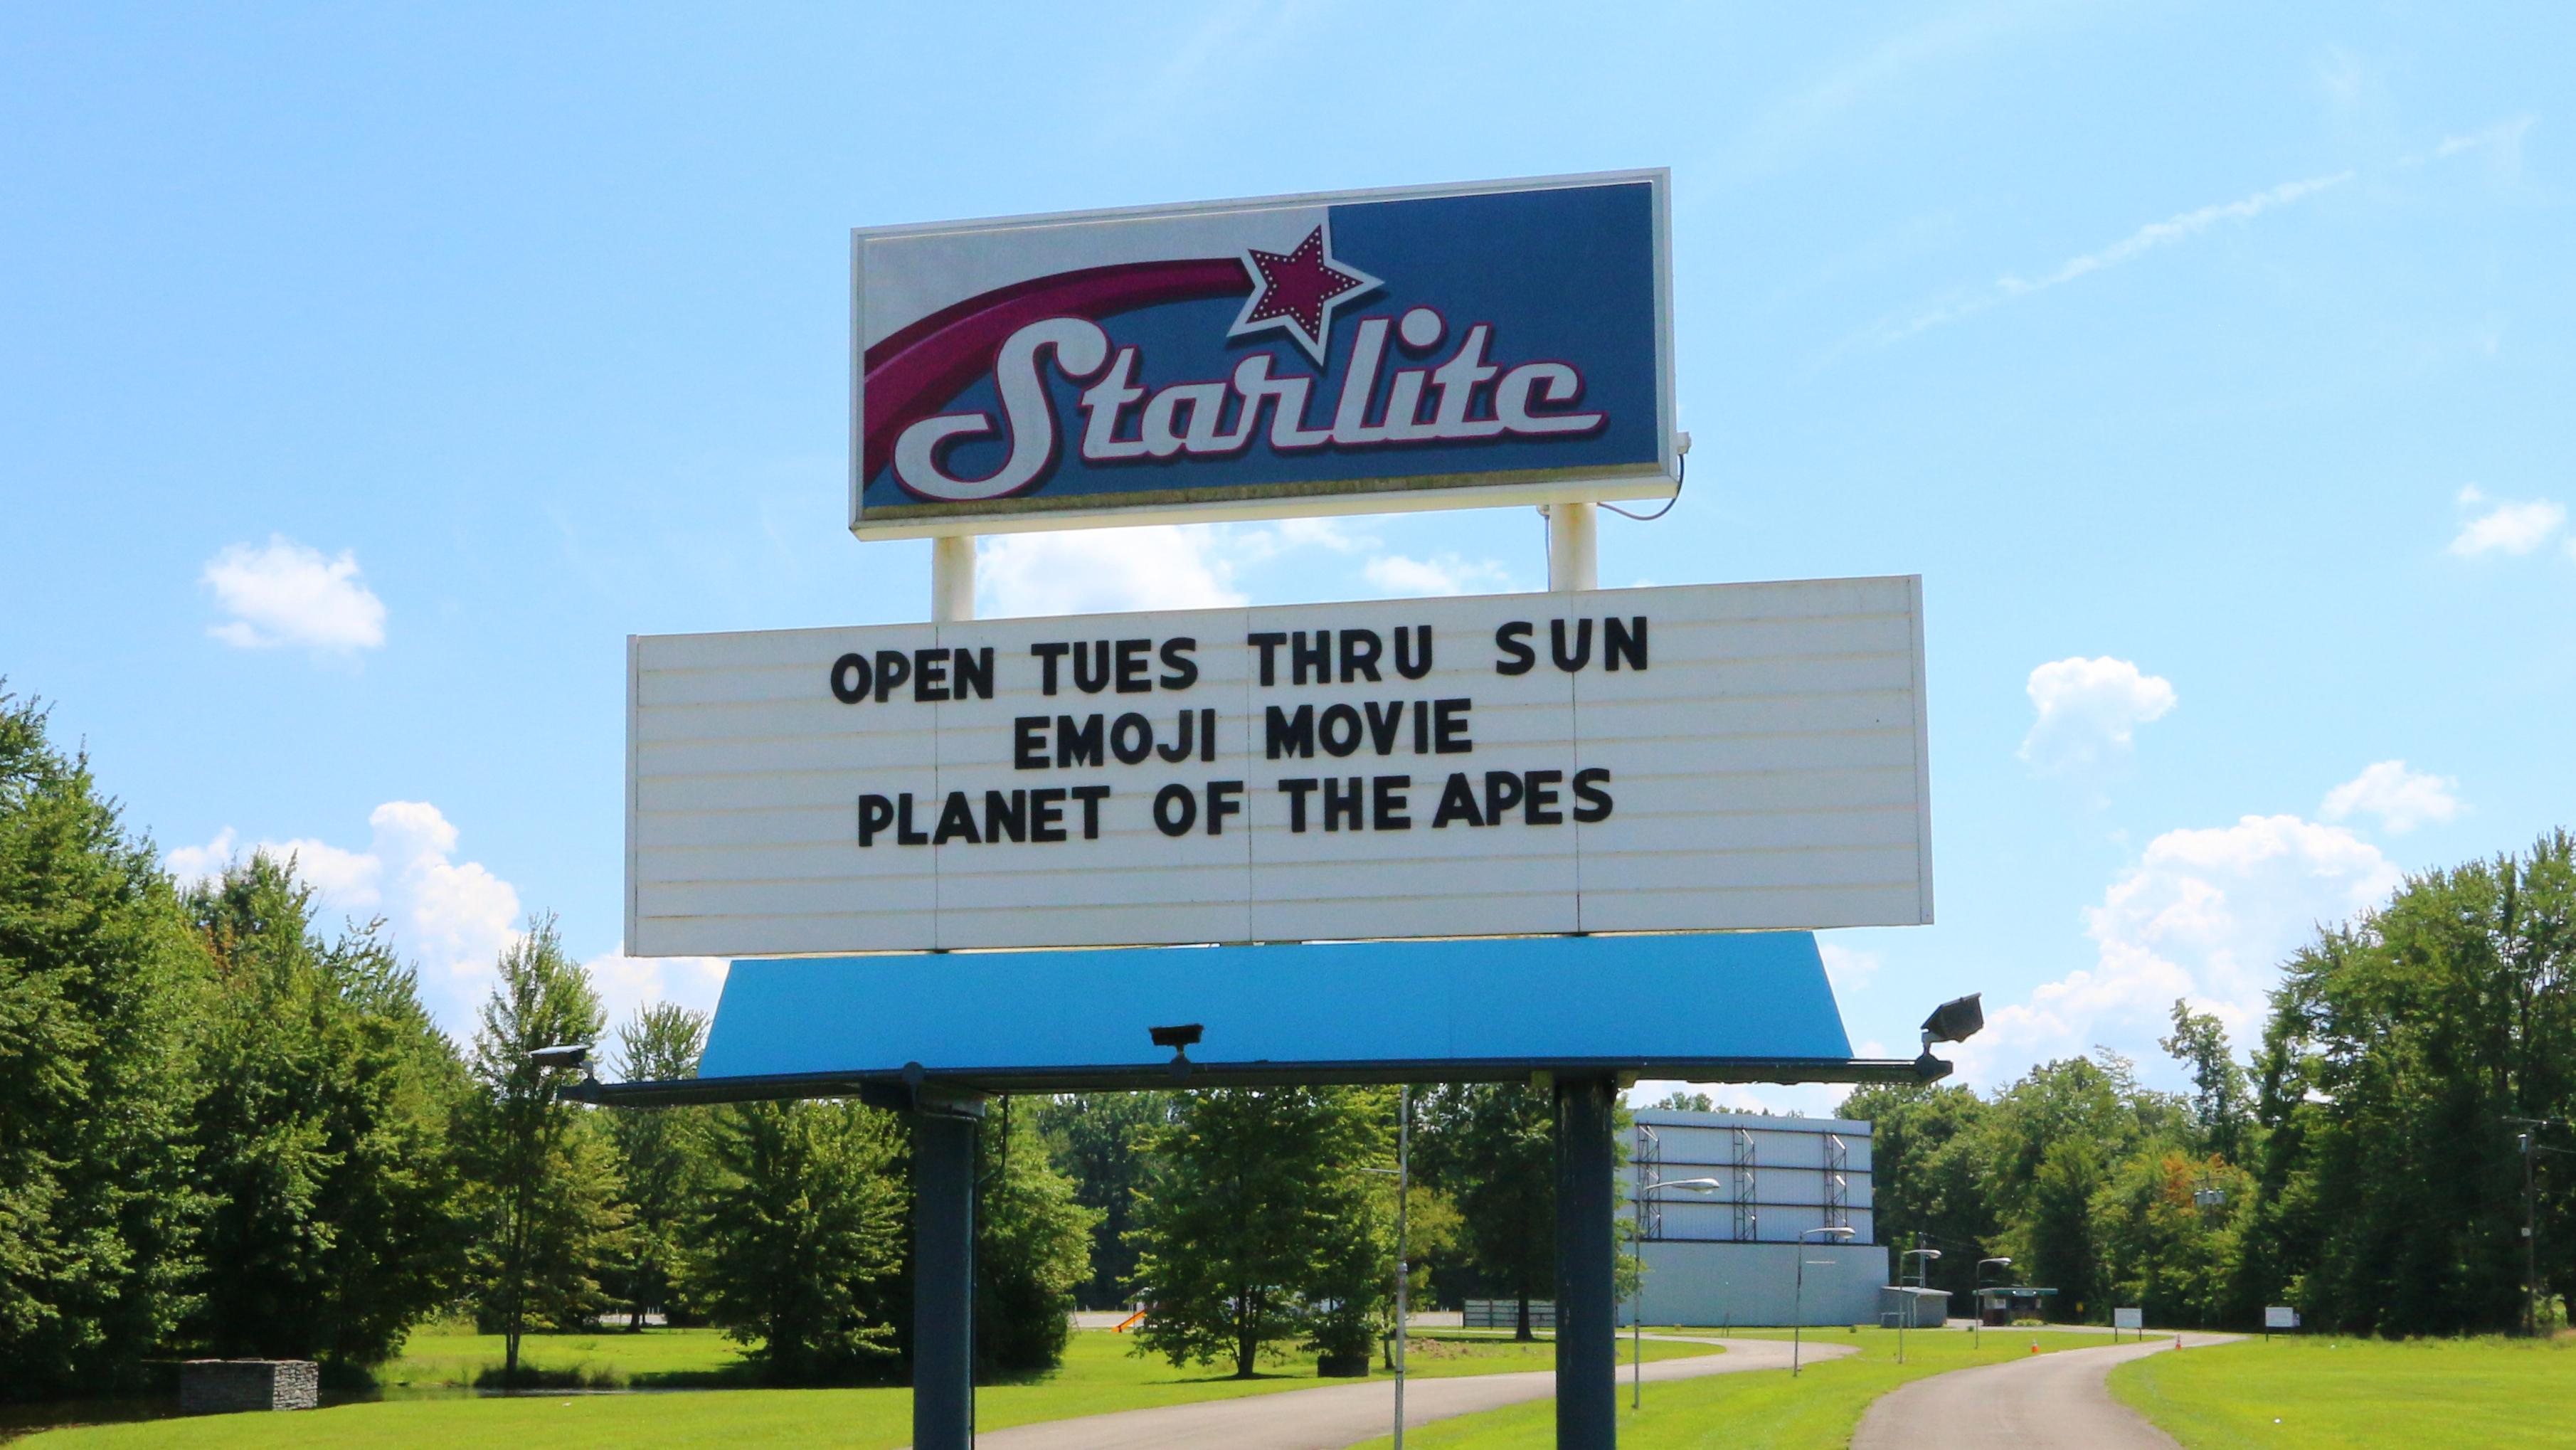 StarliteOutdoorTheater_sign6